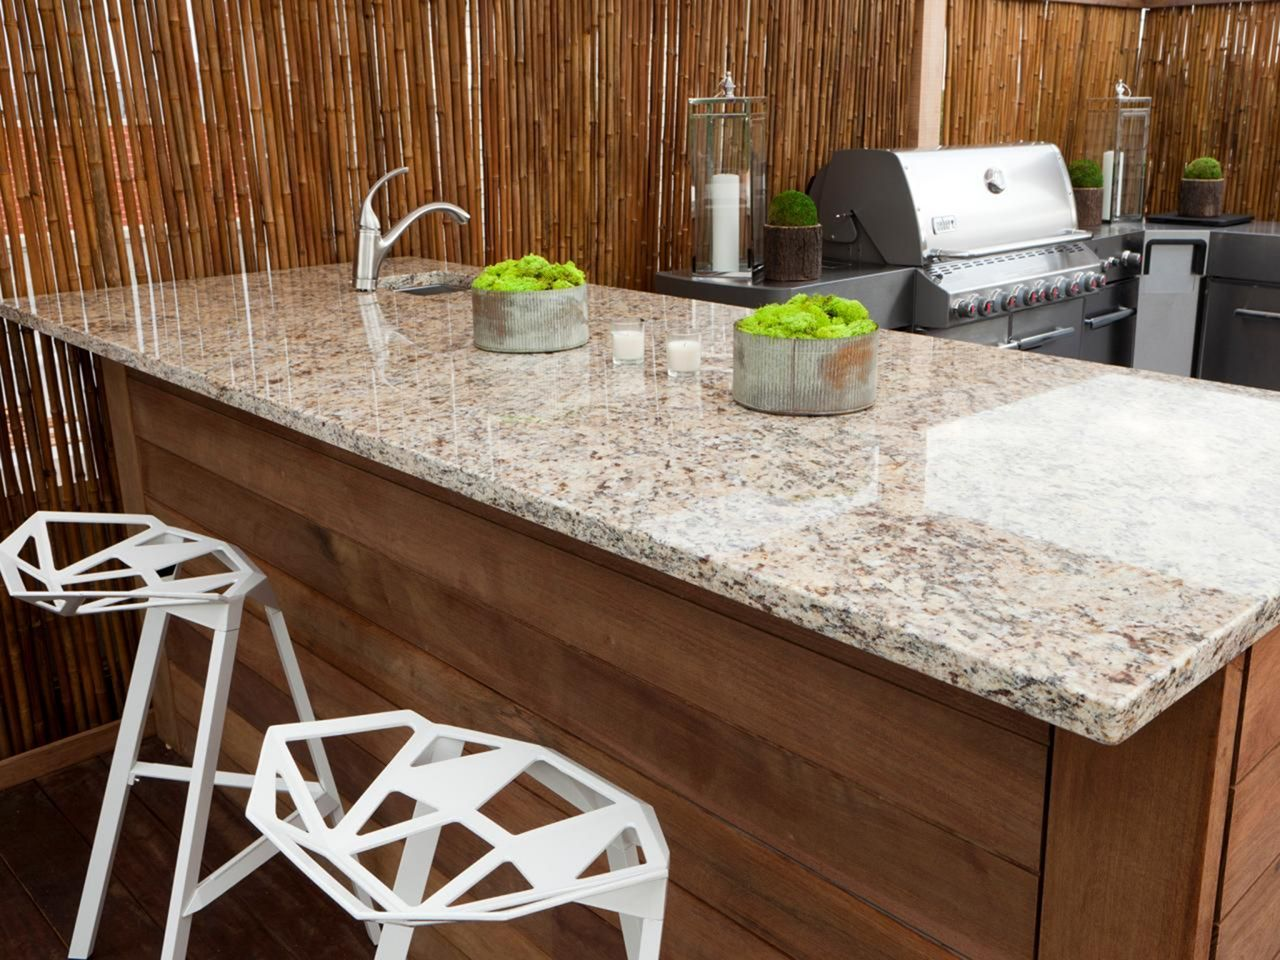 Indoor Kictchen Granite Countertop In 2020 Outdoor Kitchen Countertops Kitchen Remodel Countertops Granite Countertops Kitchen